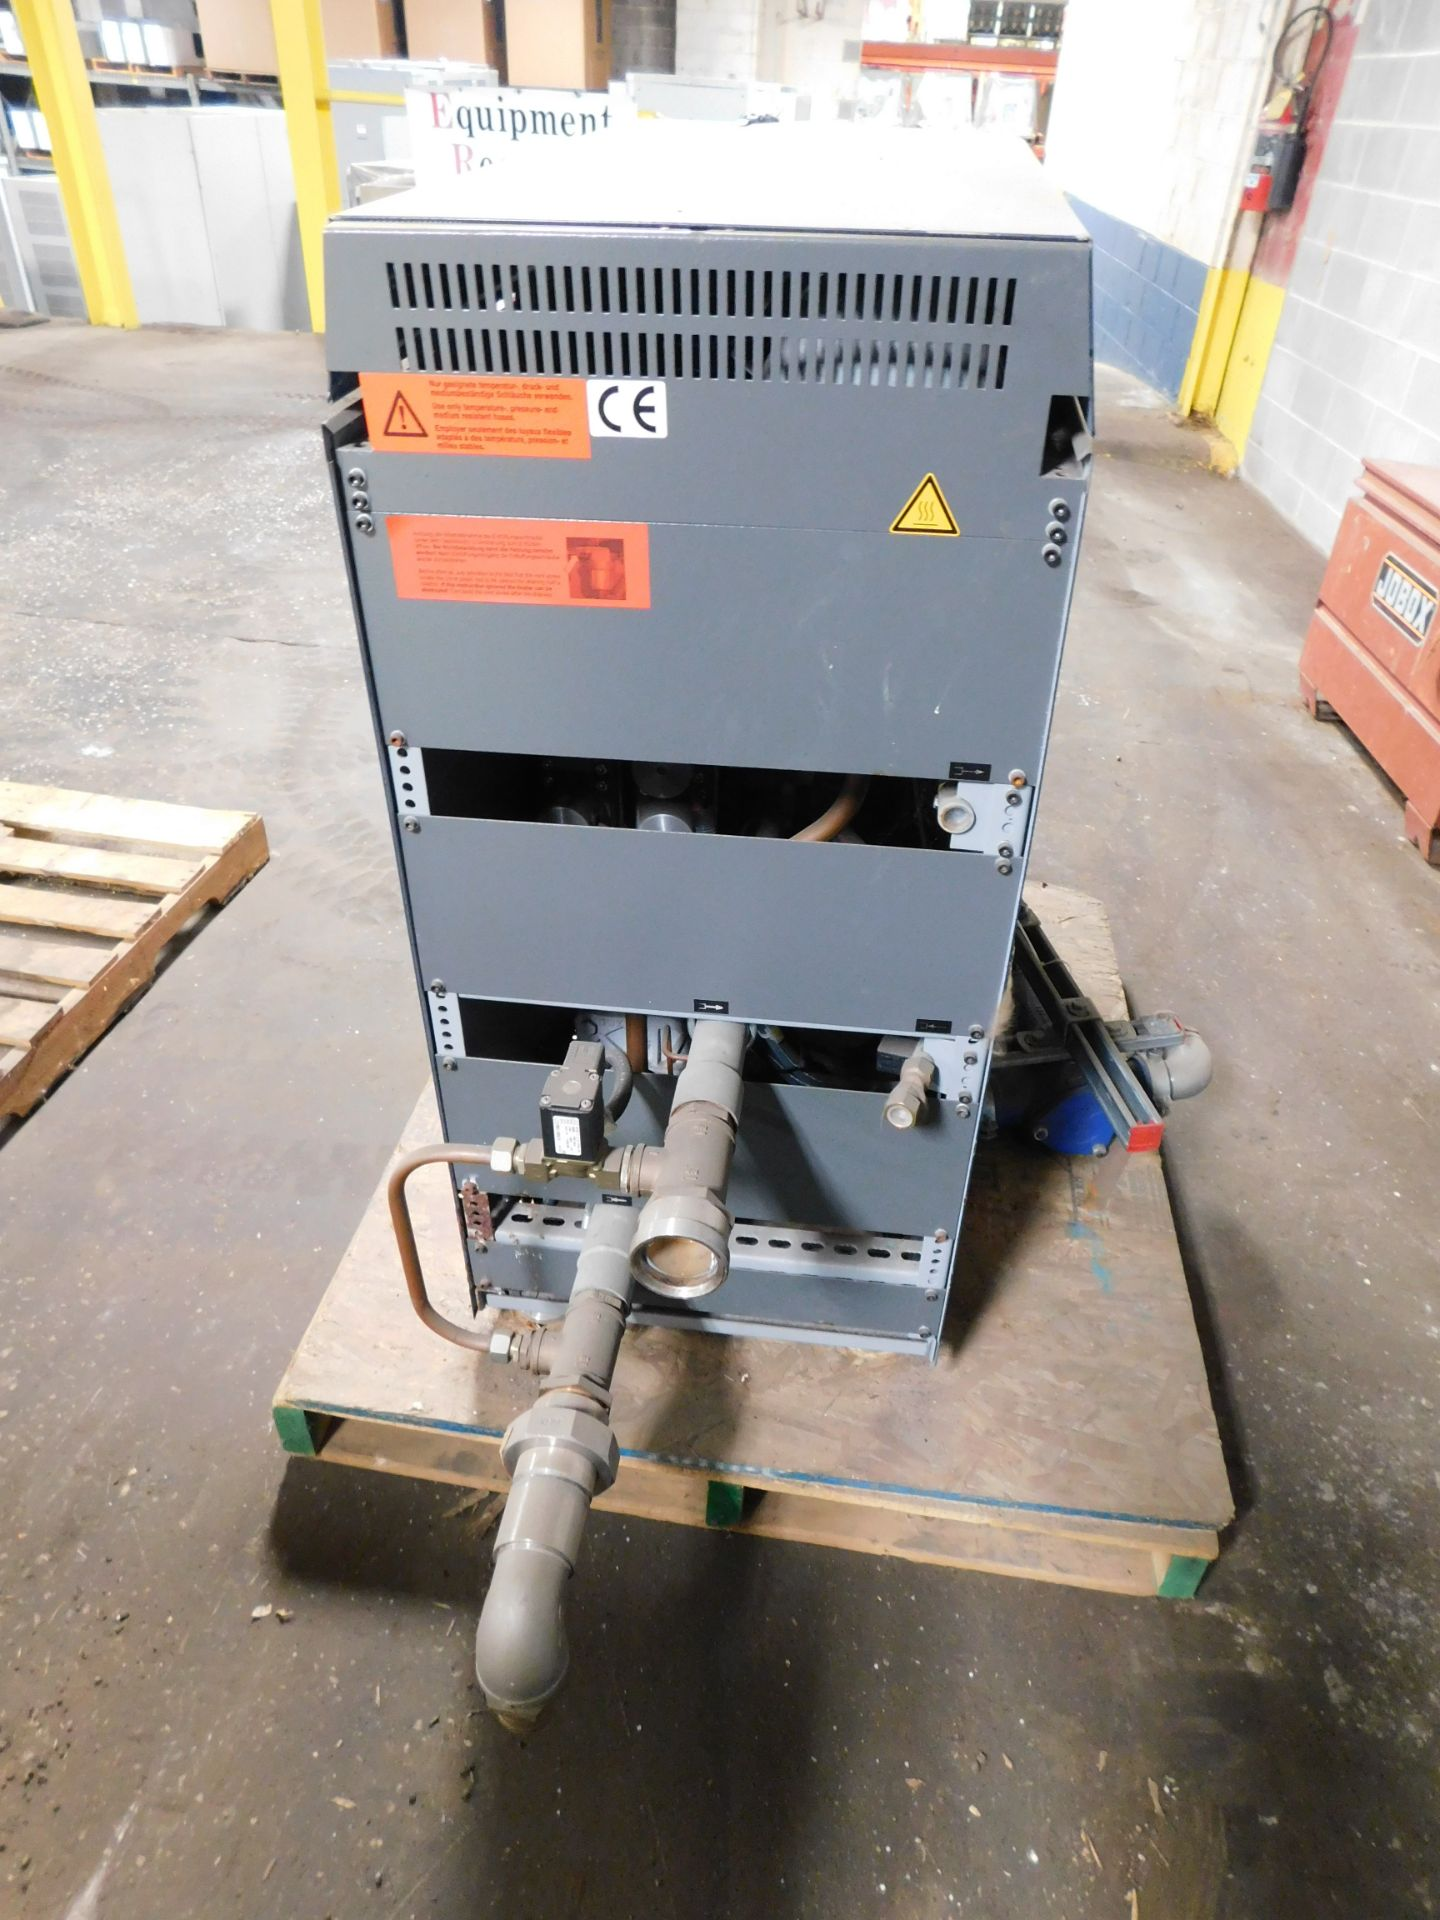 GWK TECO WI 250.45.12/12 Temperature Controller - Image 2 of 2